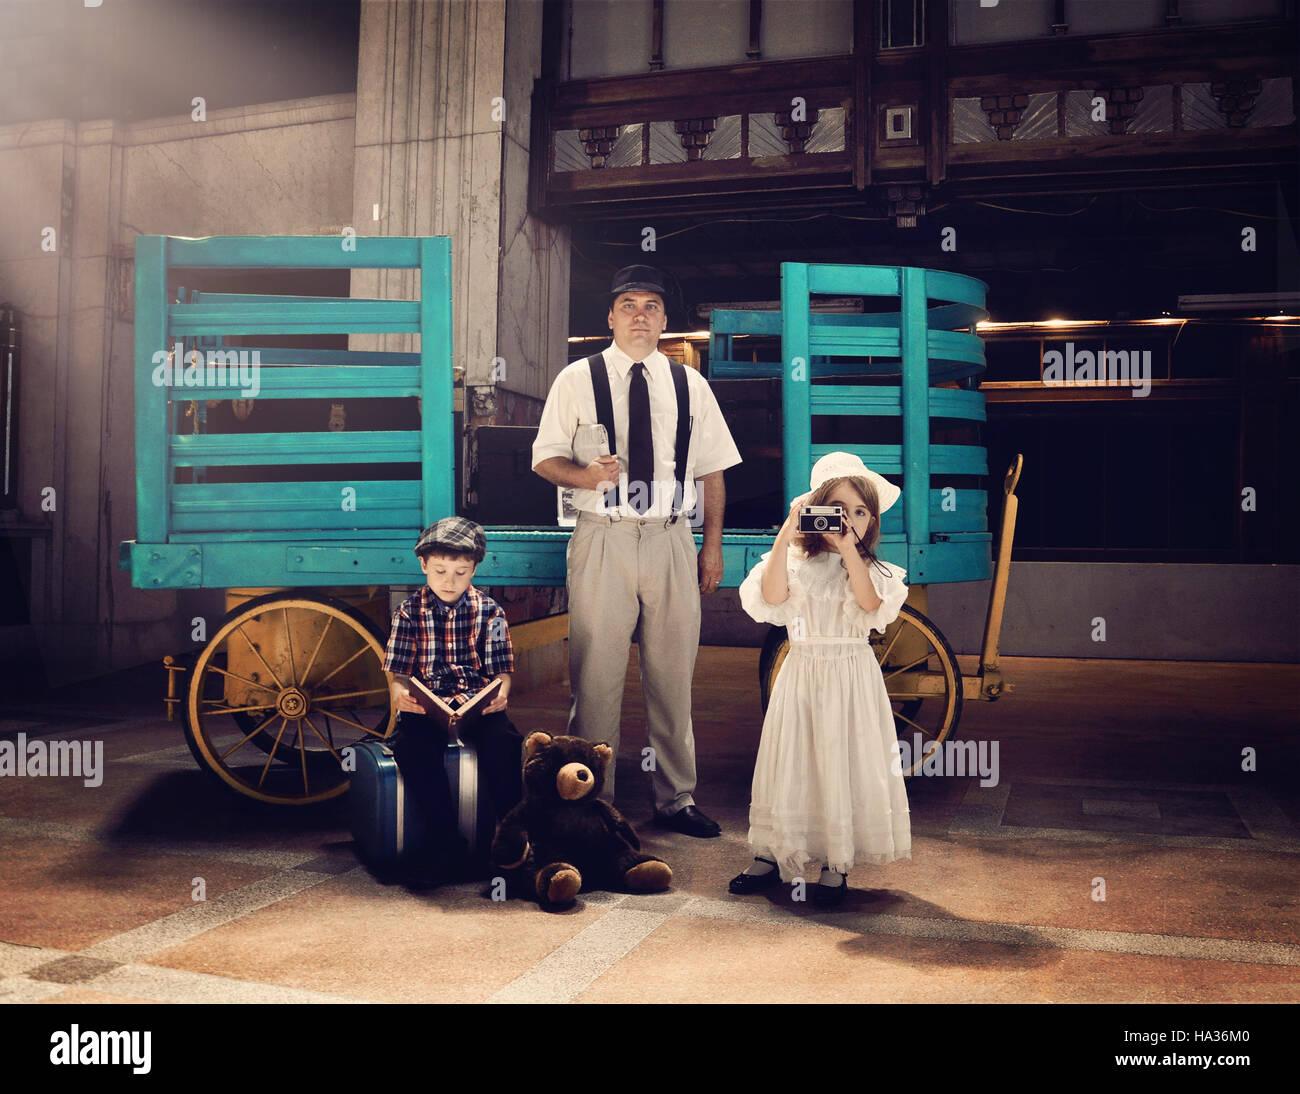 Une ancienne vintage famille attend dans une ancienne gare, par un chariot à bagages pour des vacances ou voyager concept. Banque D'Images